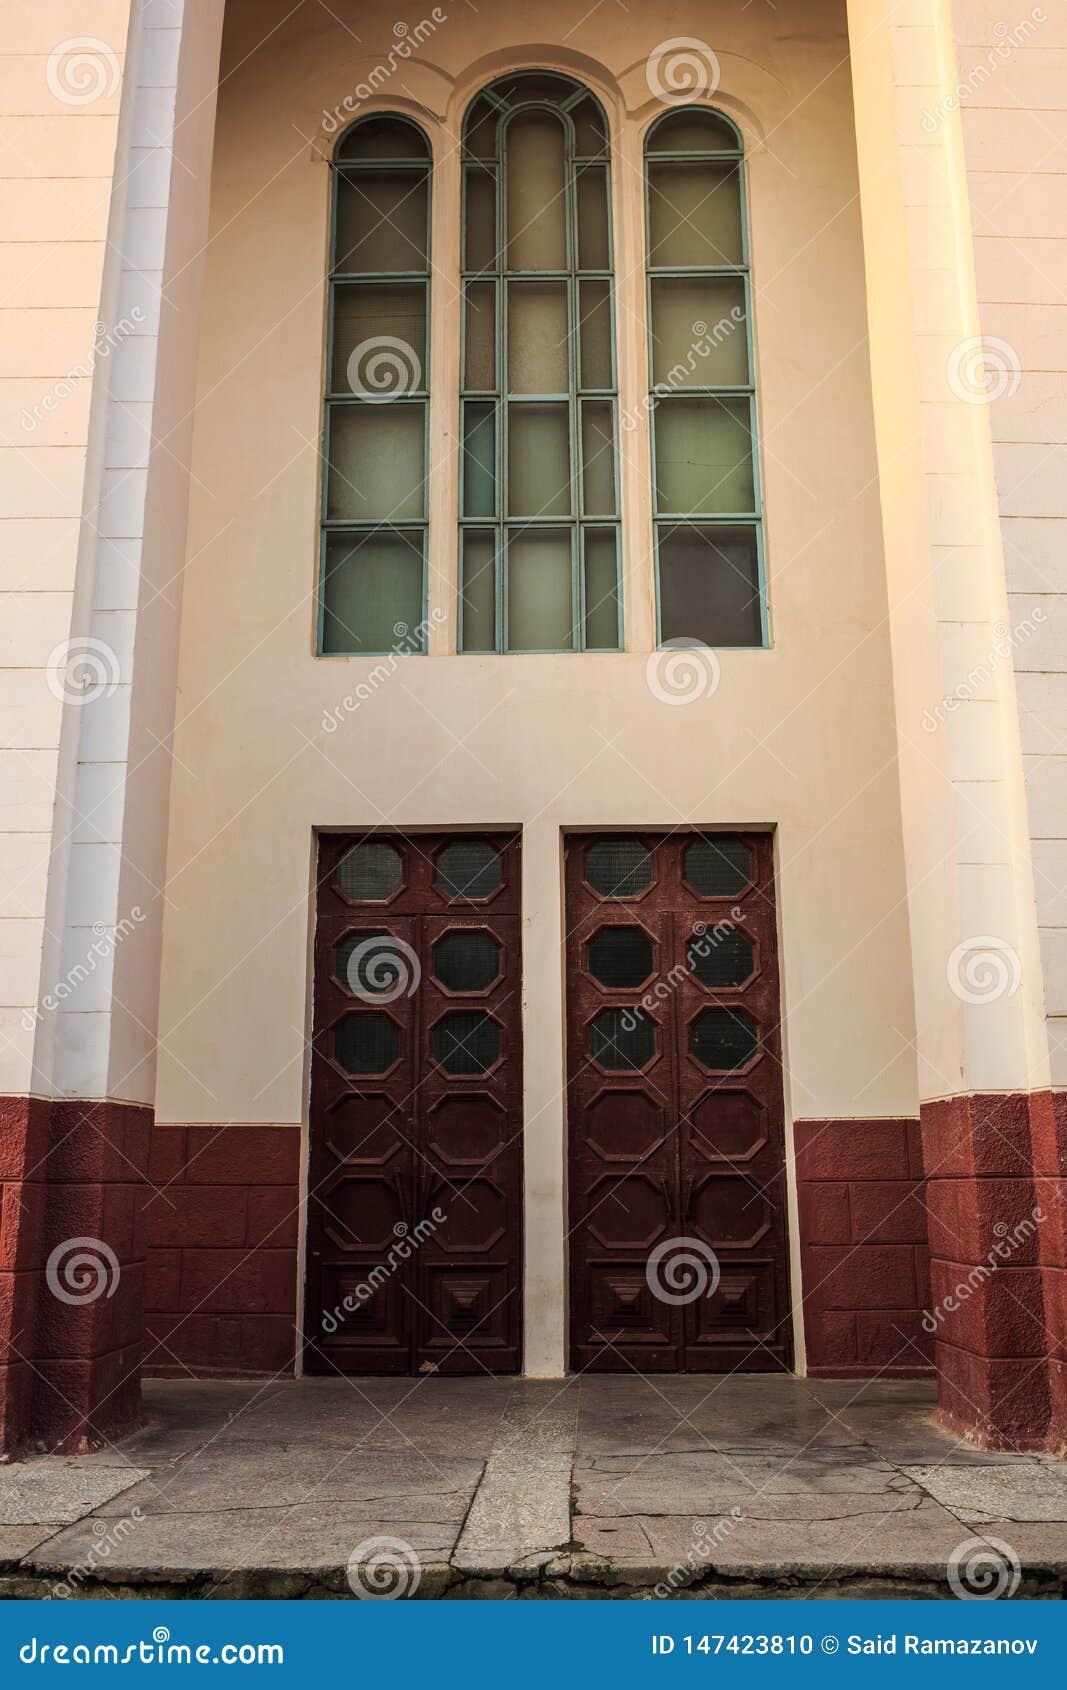 Vieux b?timent dans des couleurs beiges et marron avec de hautes fen?tres et portes